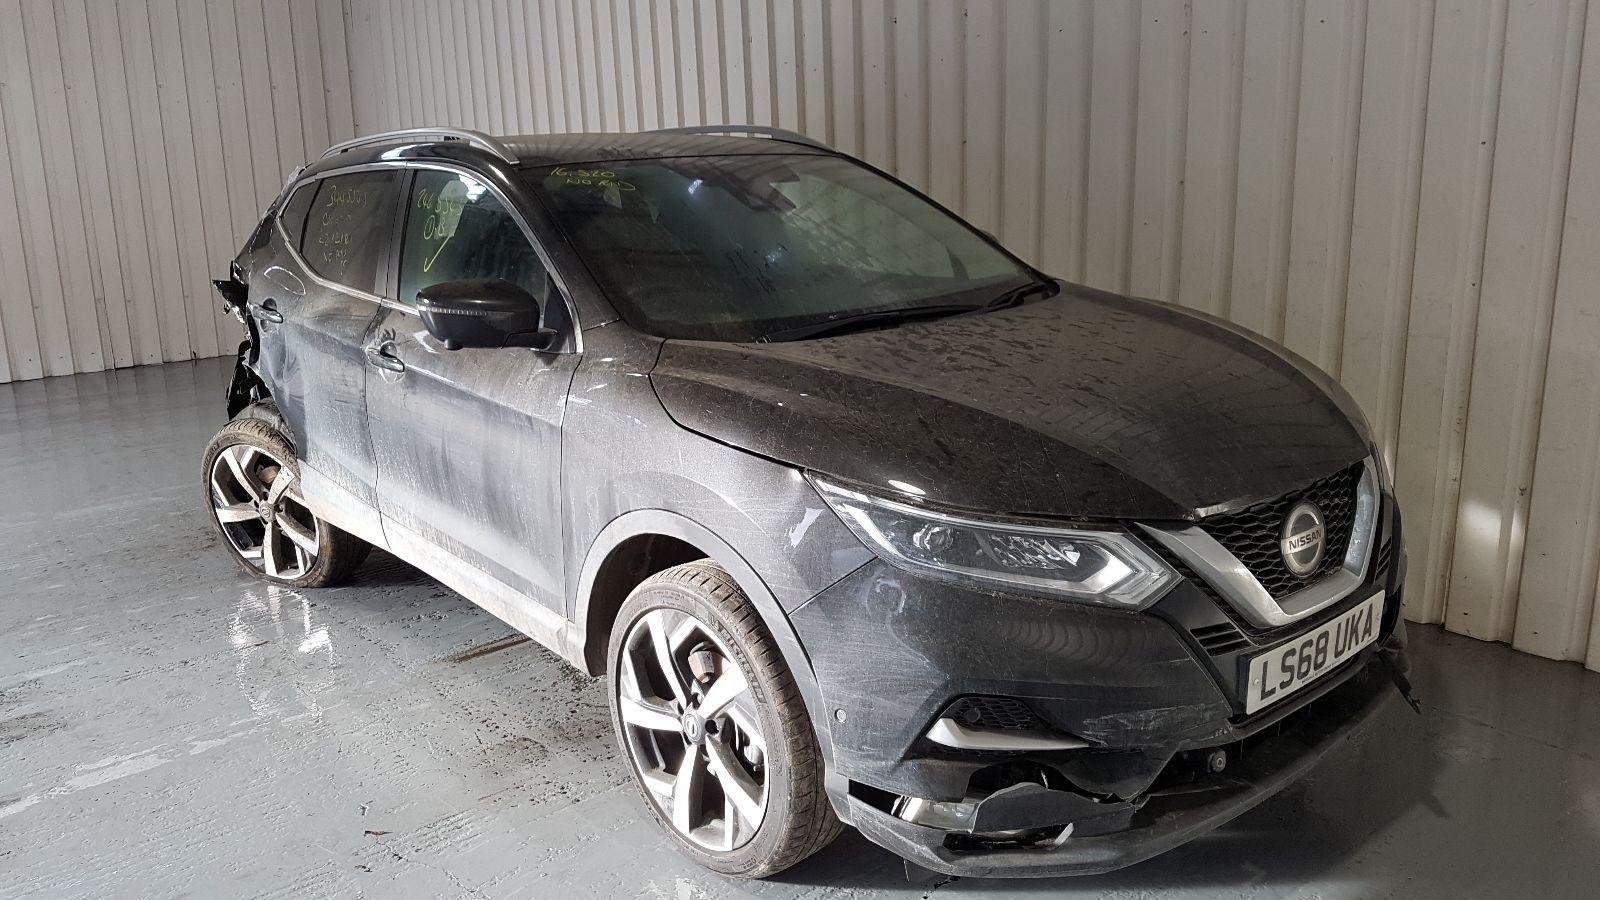 Image for a Nissan Qashqai 2018 5 Door Hatchback Breaking